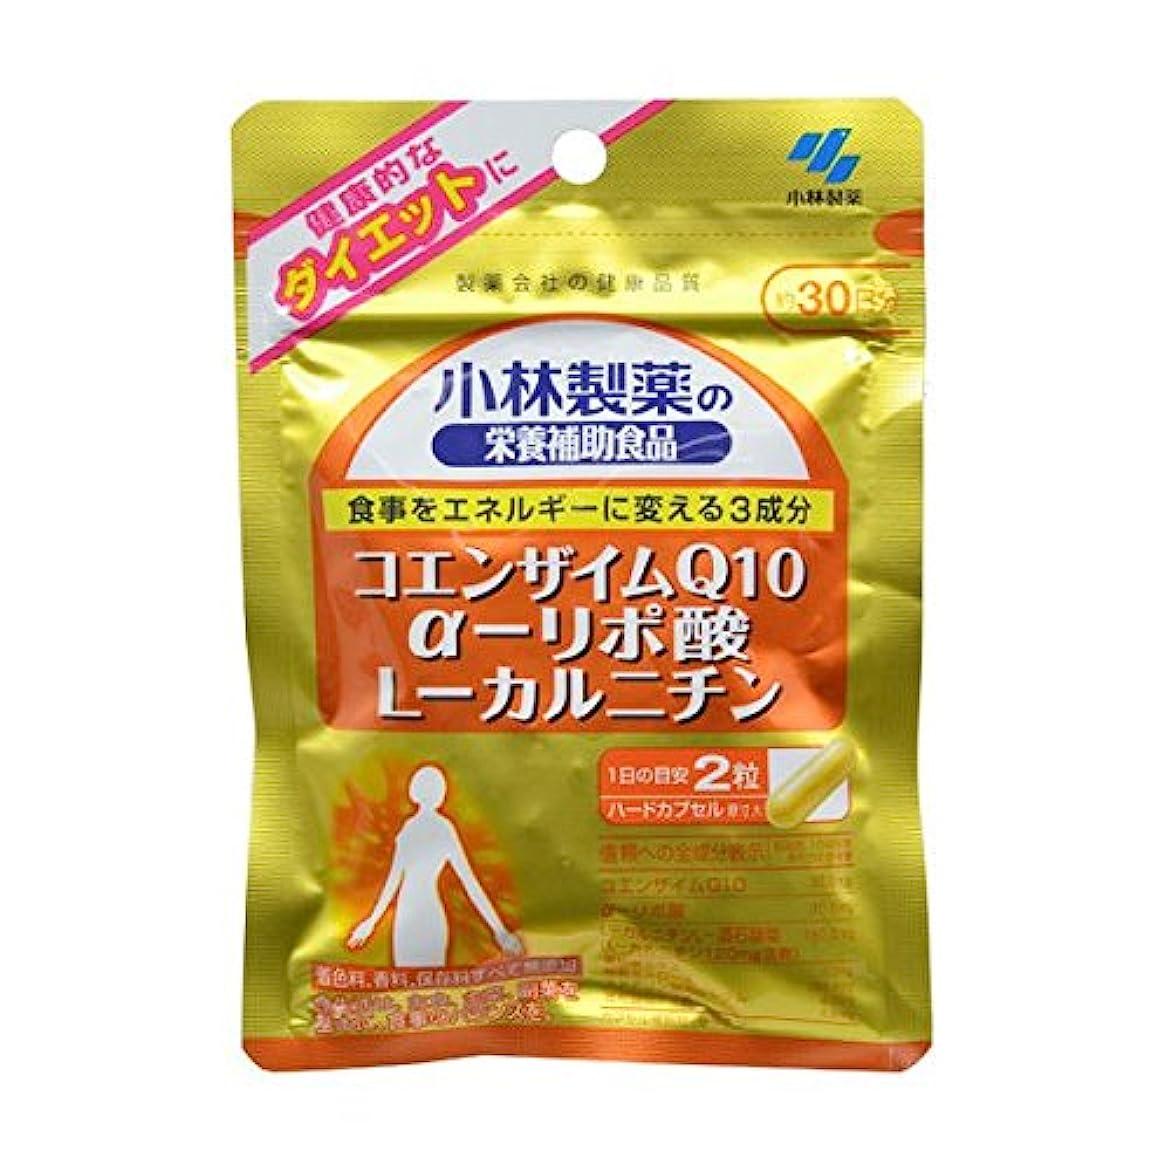 旧正月男読み書きのできない小林製薬 小林製薬の栄養補助食品コエンザイムQ10α-リポ酸L-カルニチン60粒×2